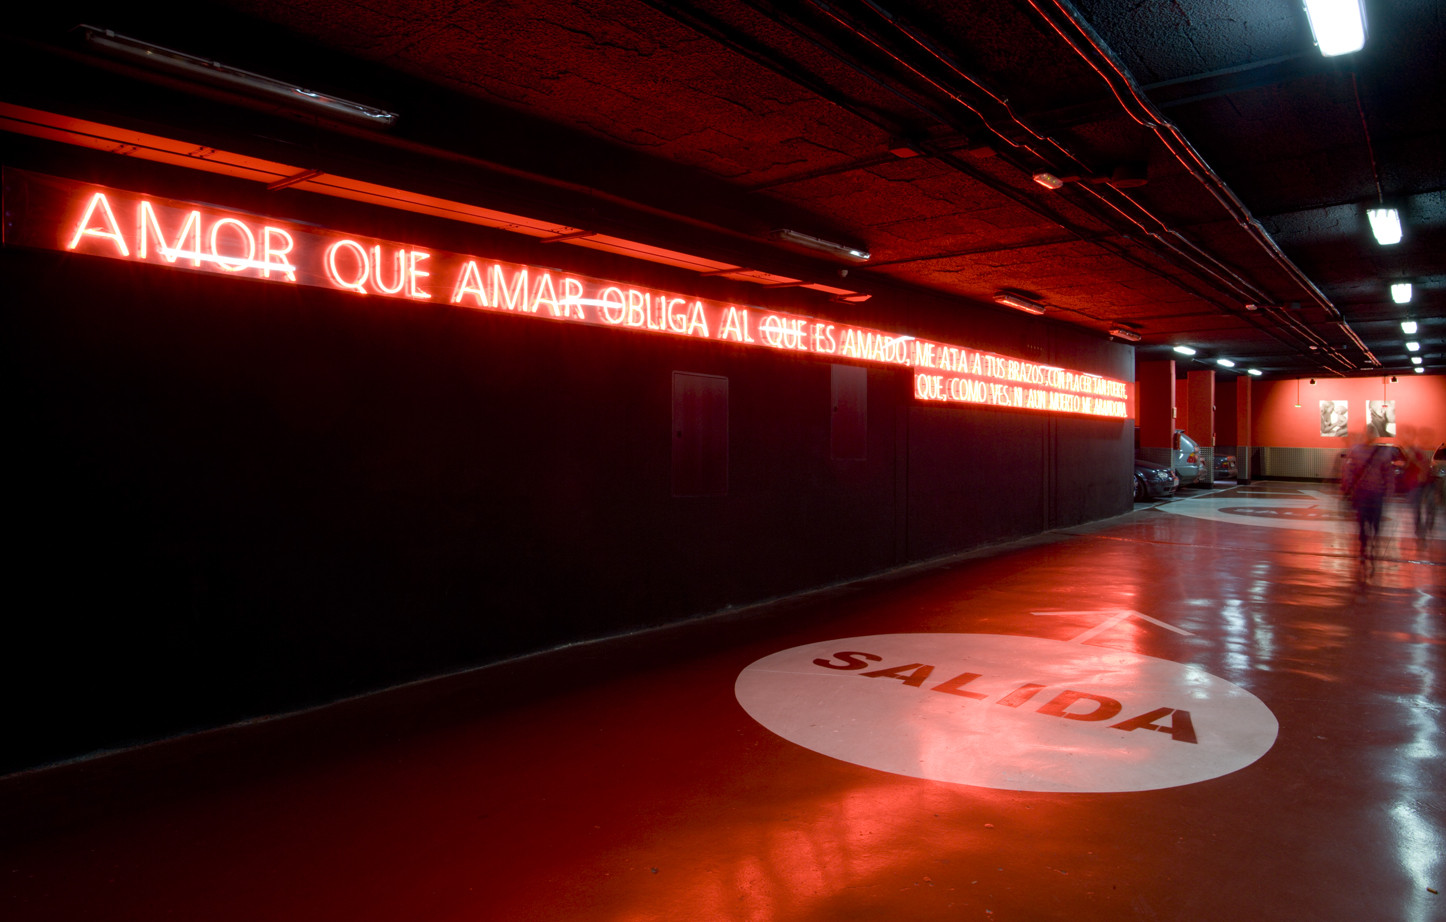 Car Park Chueca Plaza Vazquez de Mella Parking / Madrid. Image Cortesia de Teresa Sapey